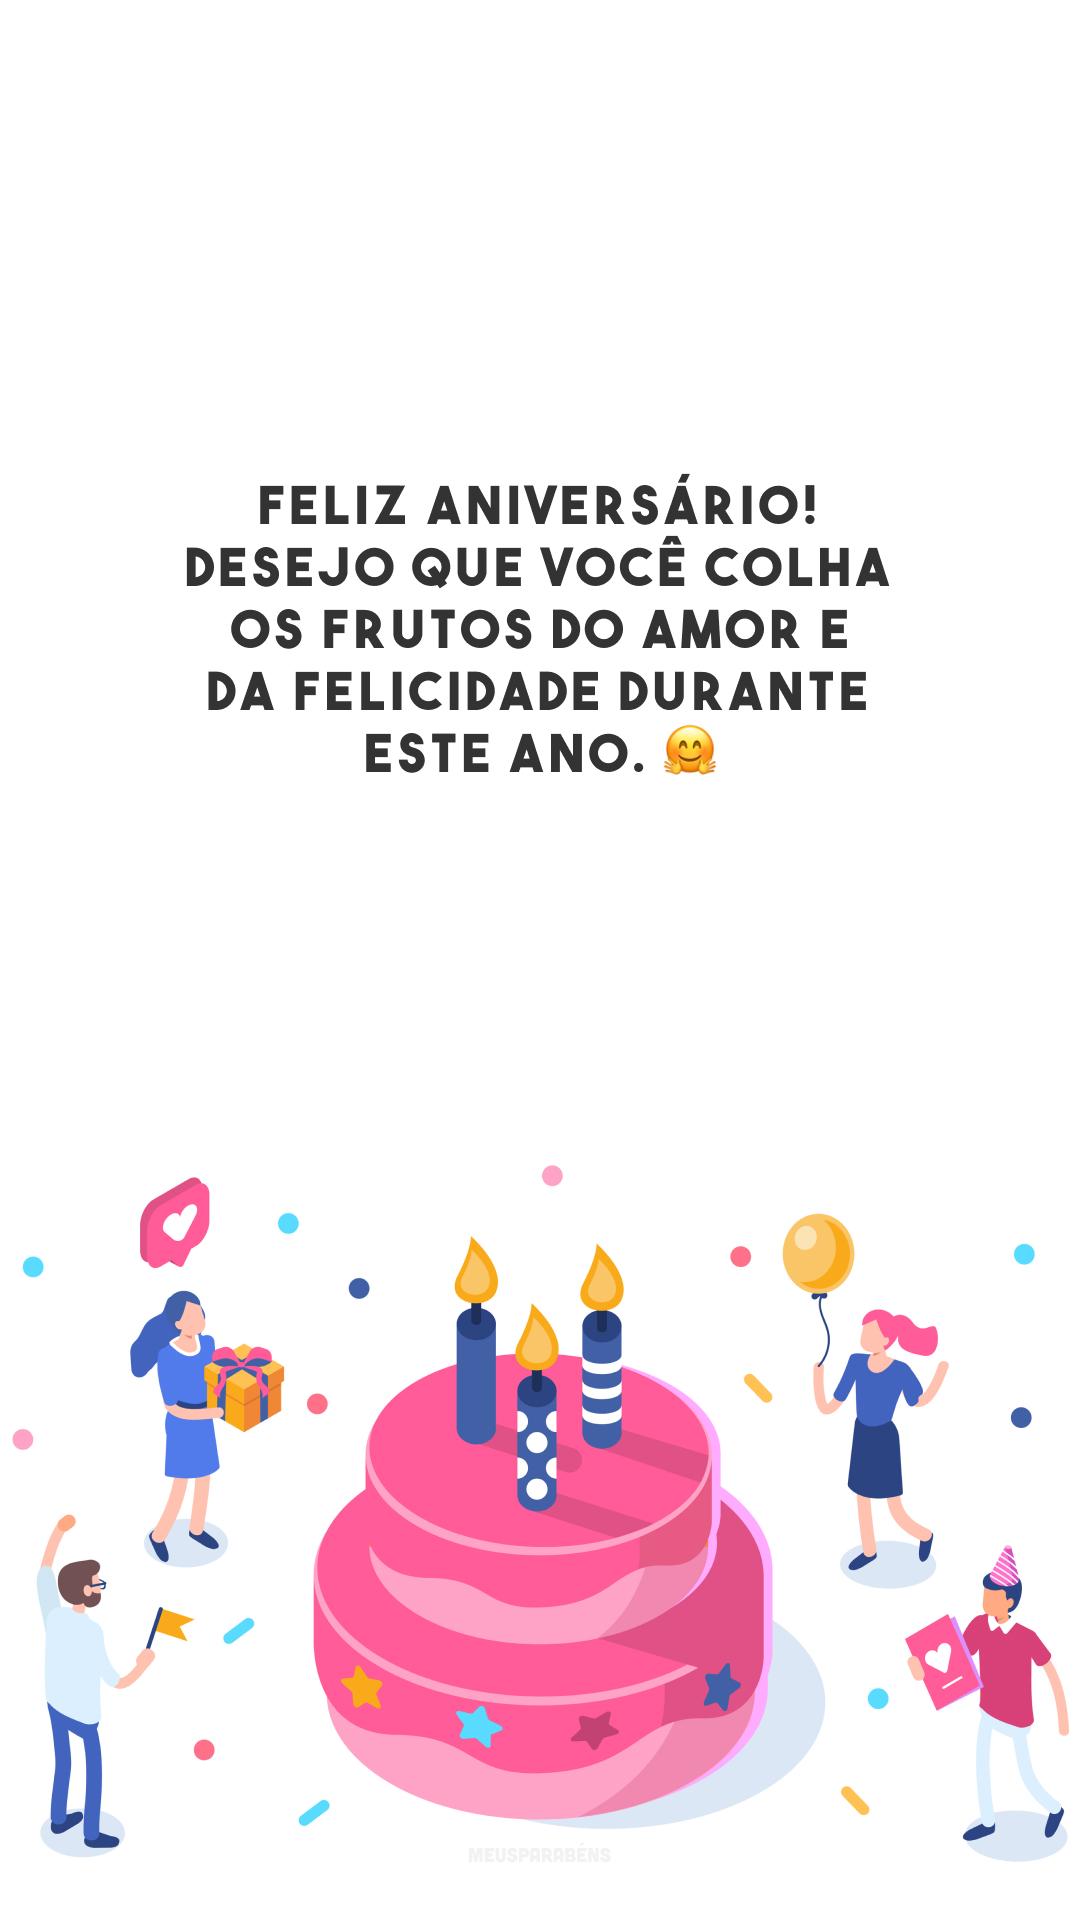 Feliz aniversário! Desejo que você colha os frutos do amor e da felicidade durante este ano. 🤗